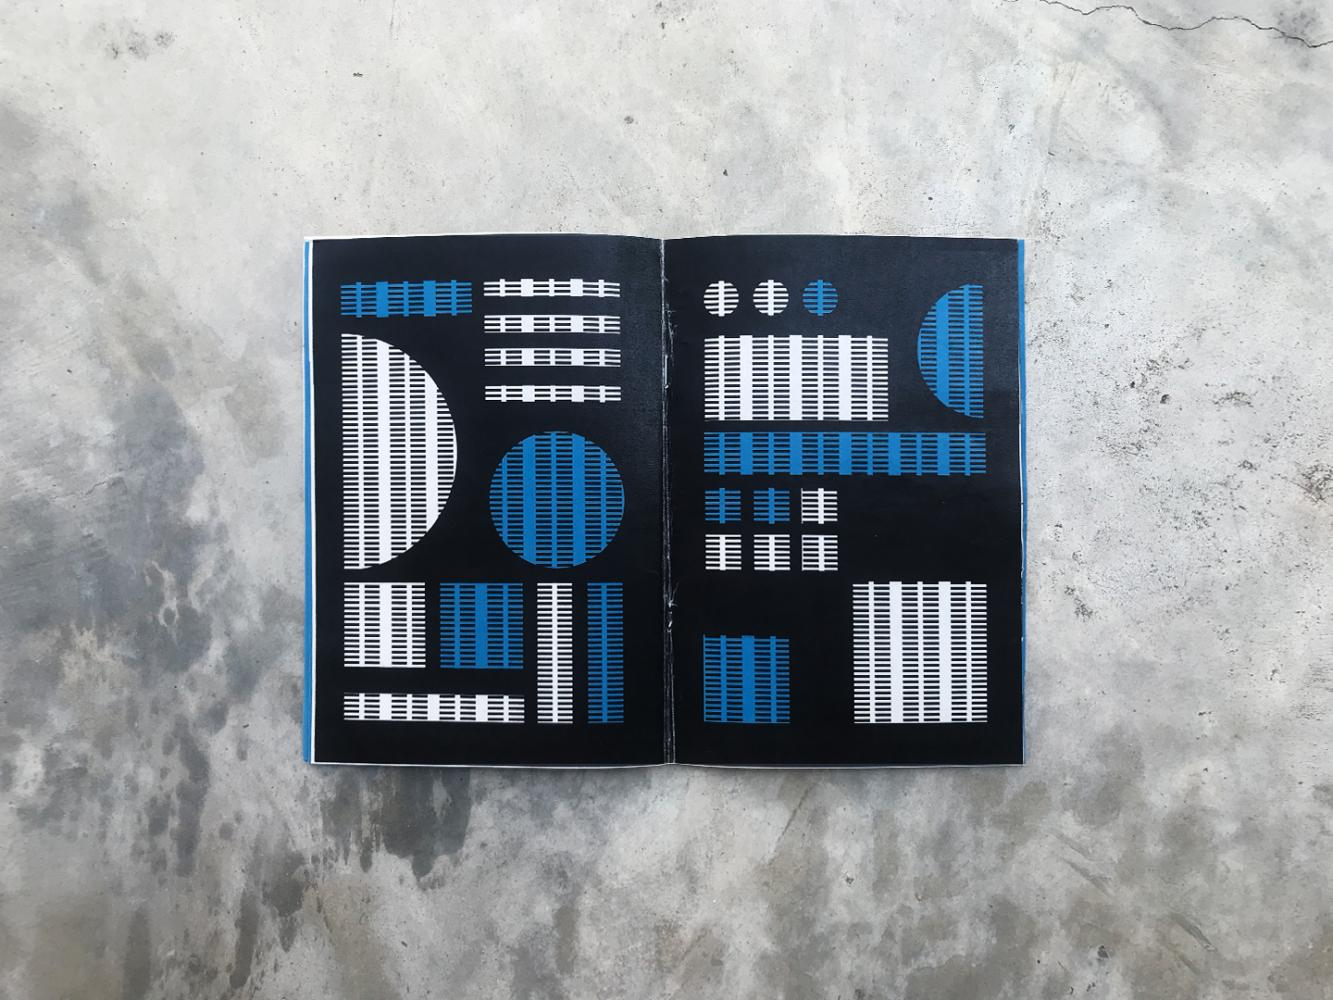 Seoane Valentina - Manifiesto del Arte Conceptual 06